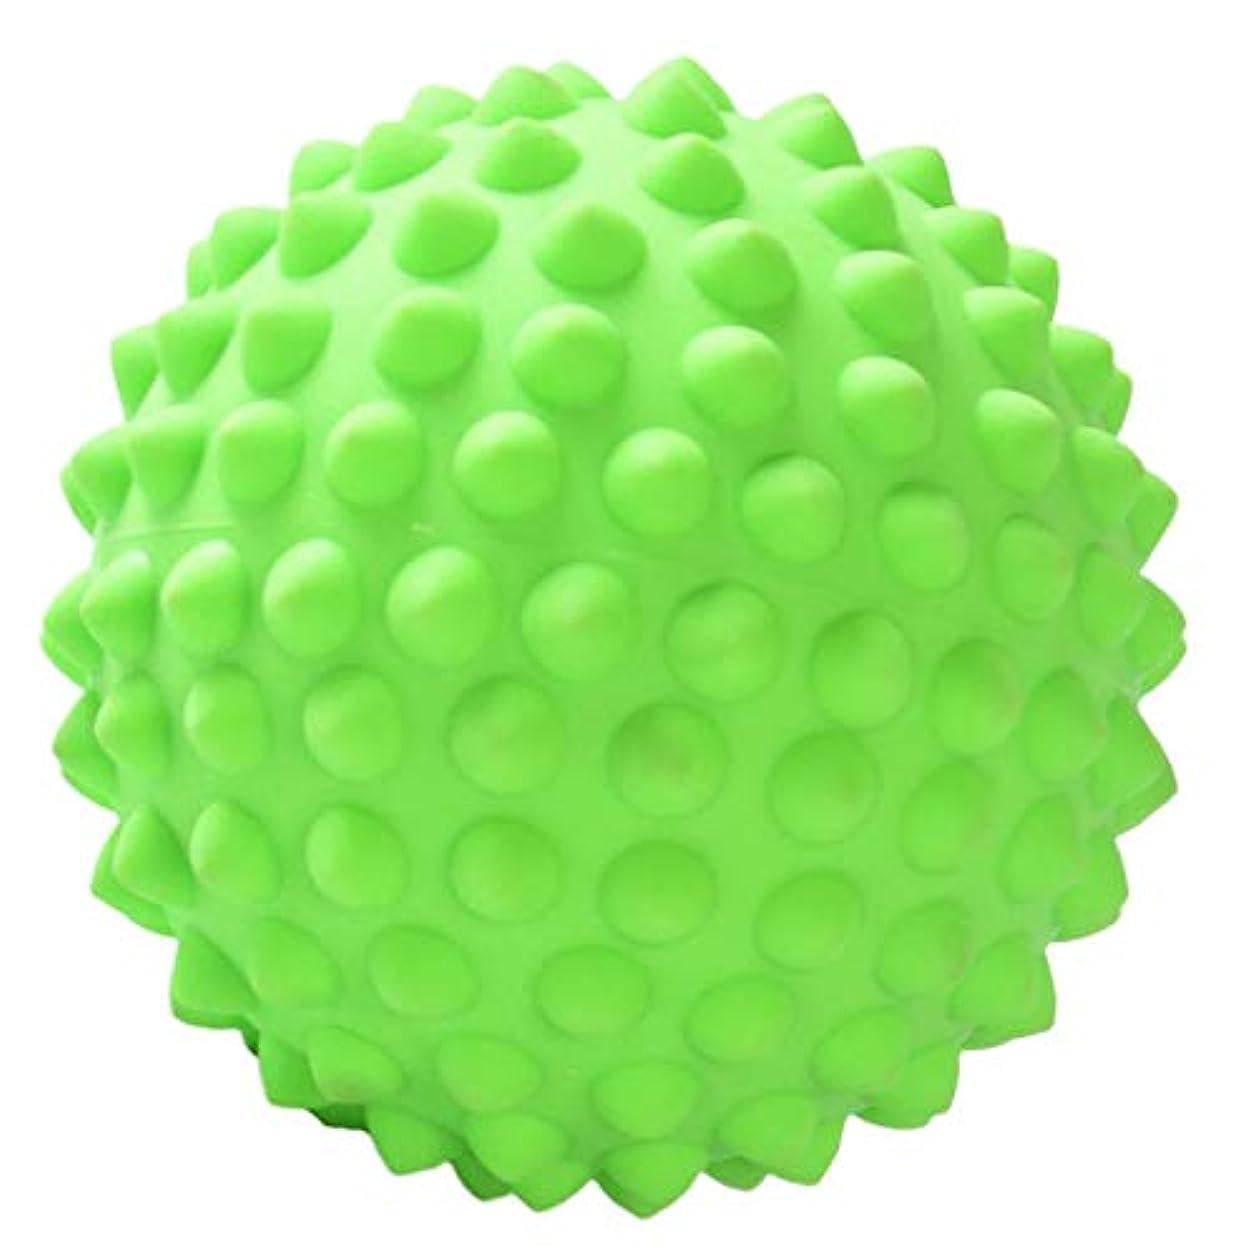 昇進捕虜批判Baoblaze マッサージボール 約9 cm ツボ押し ジム オフィス 自宅用 3色選べ - 緑, 説明のとおり